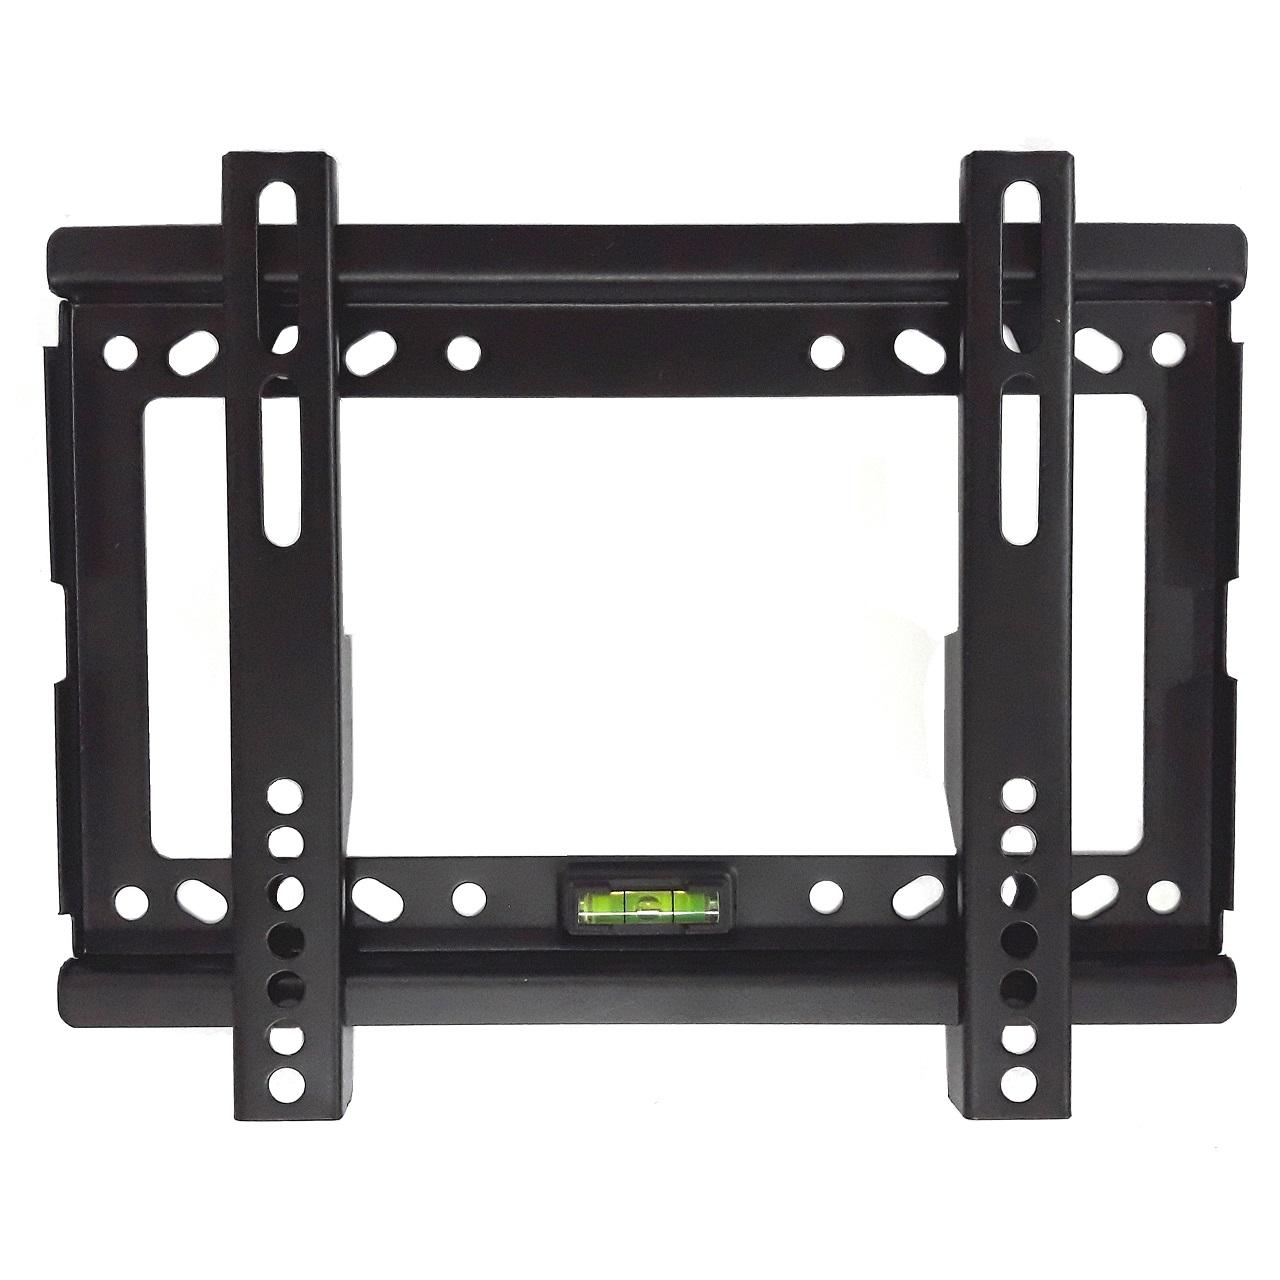 پایه دیواری سیلترون مدل LF LCD 31 مناسب برای تلویزیون های  14 تا 42 اینچی